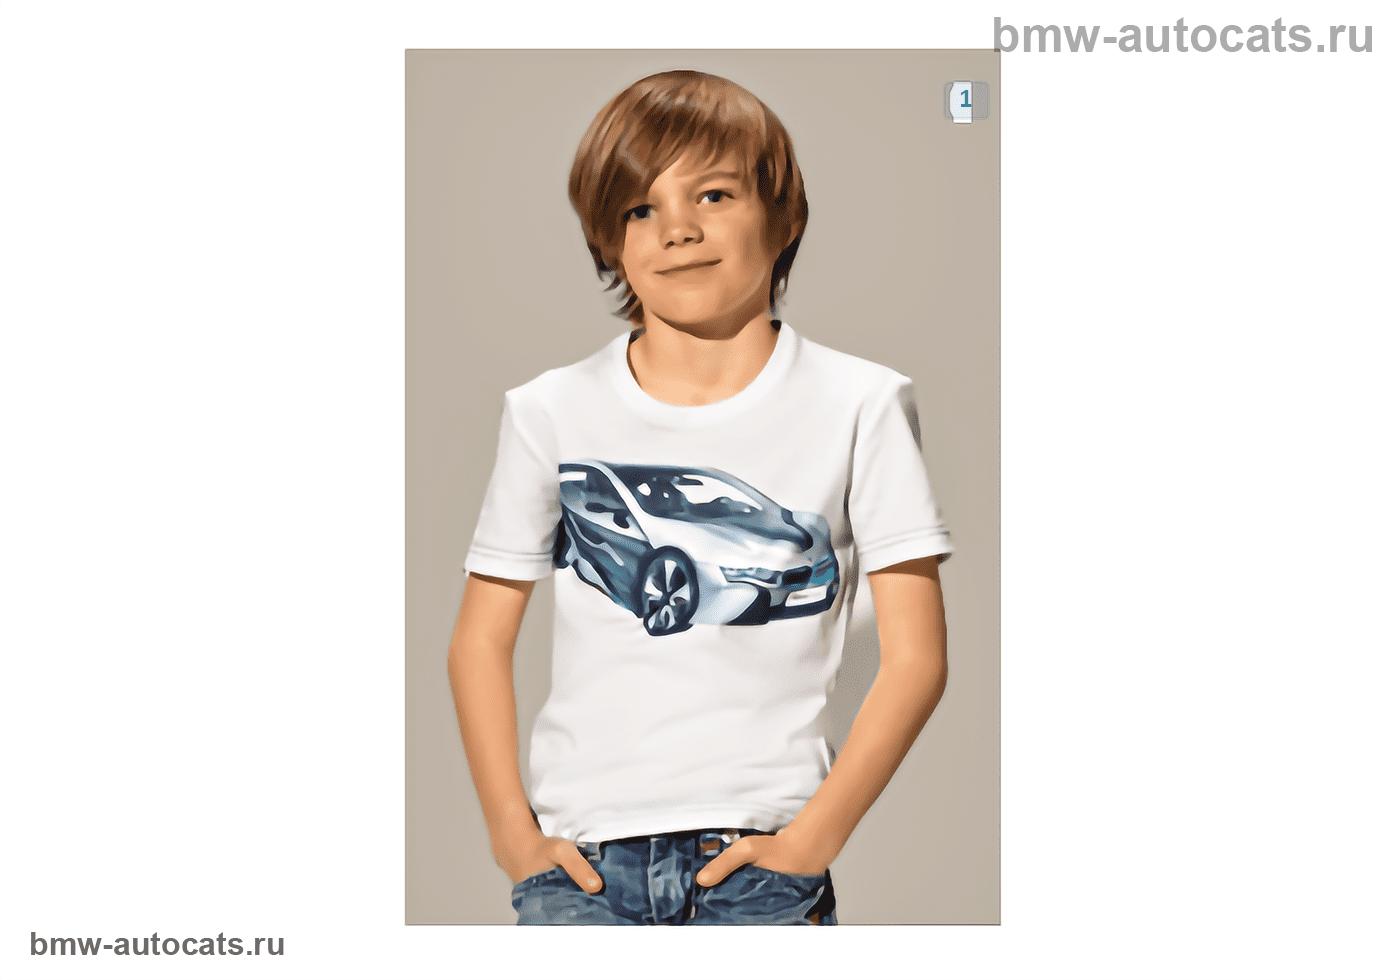 Детская программа BMW — одежда 2012/13